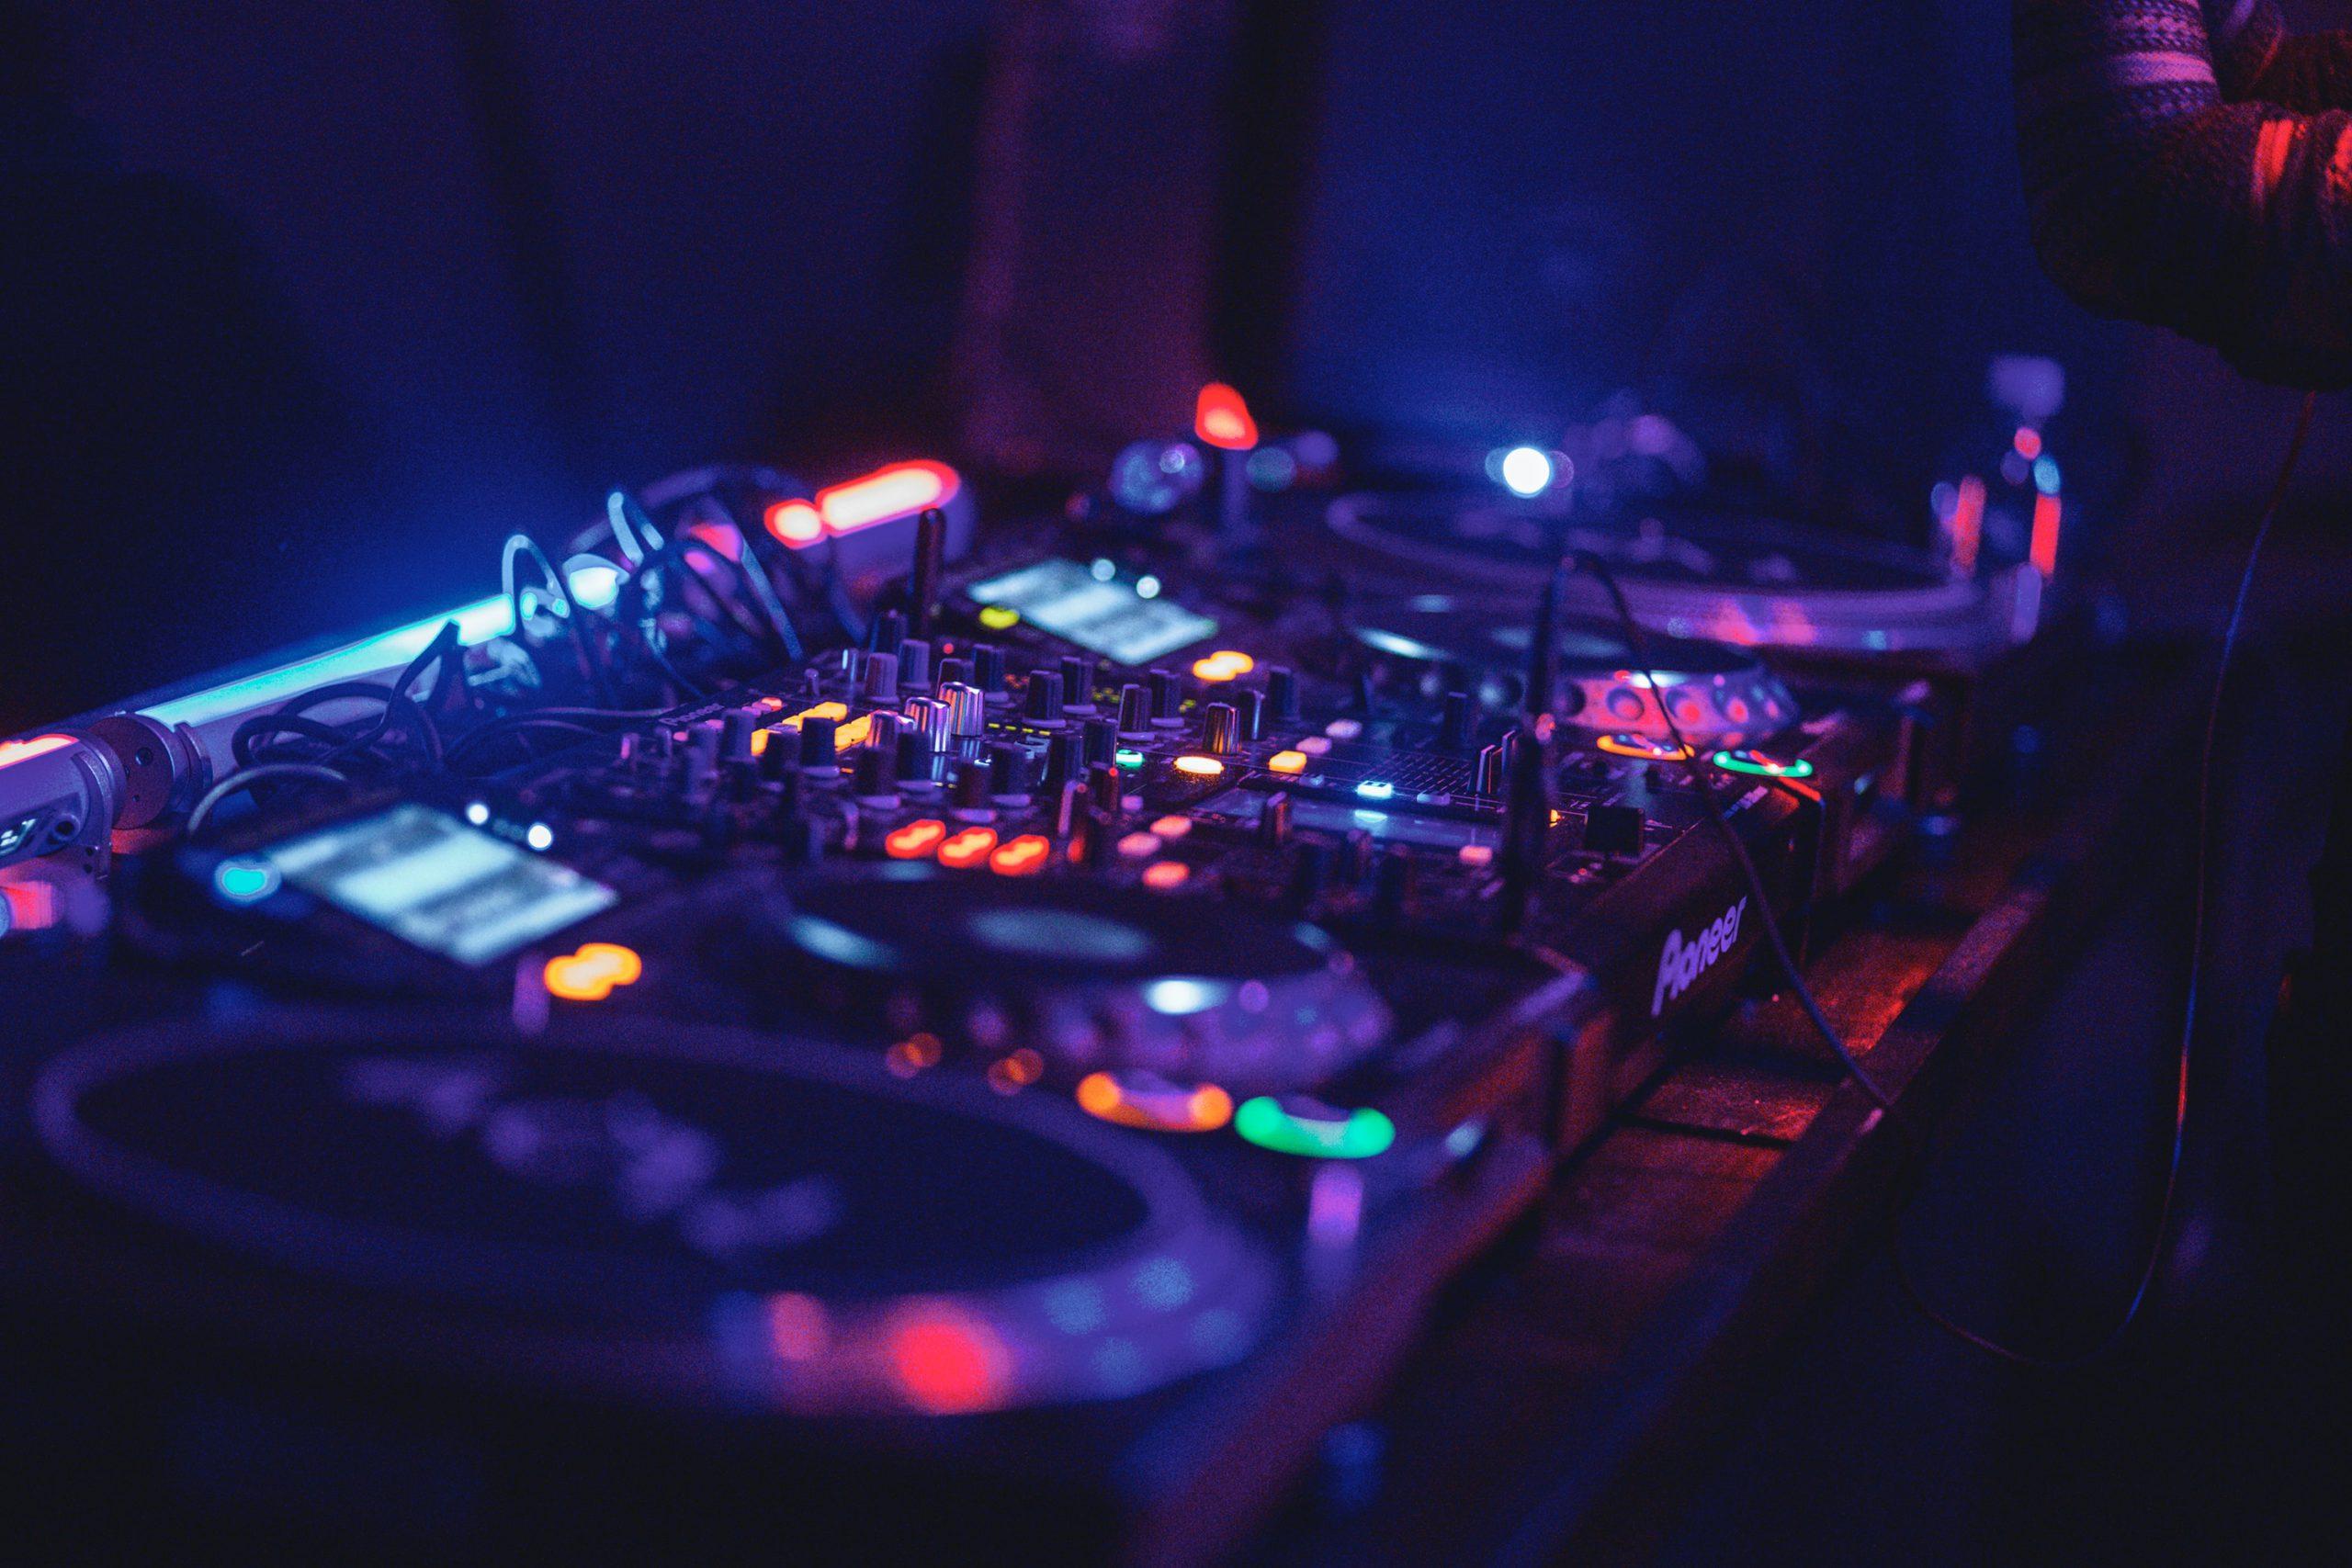 New DJ tips